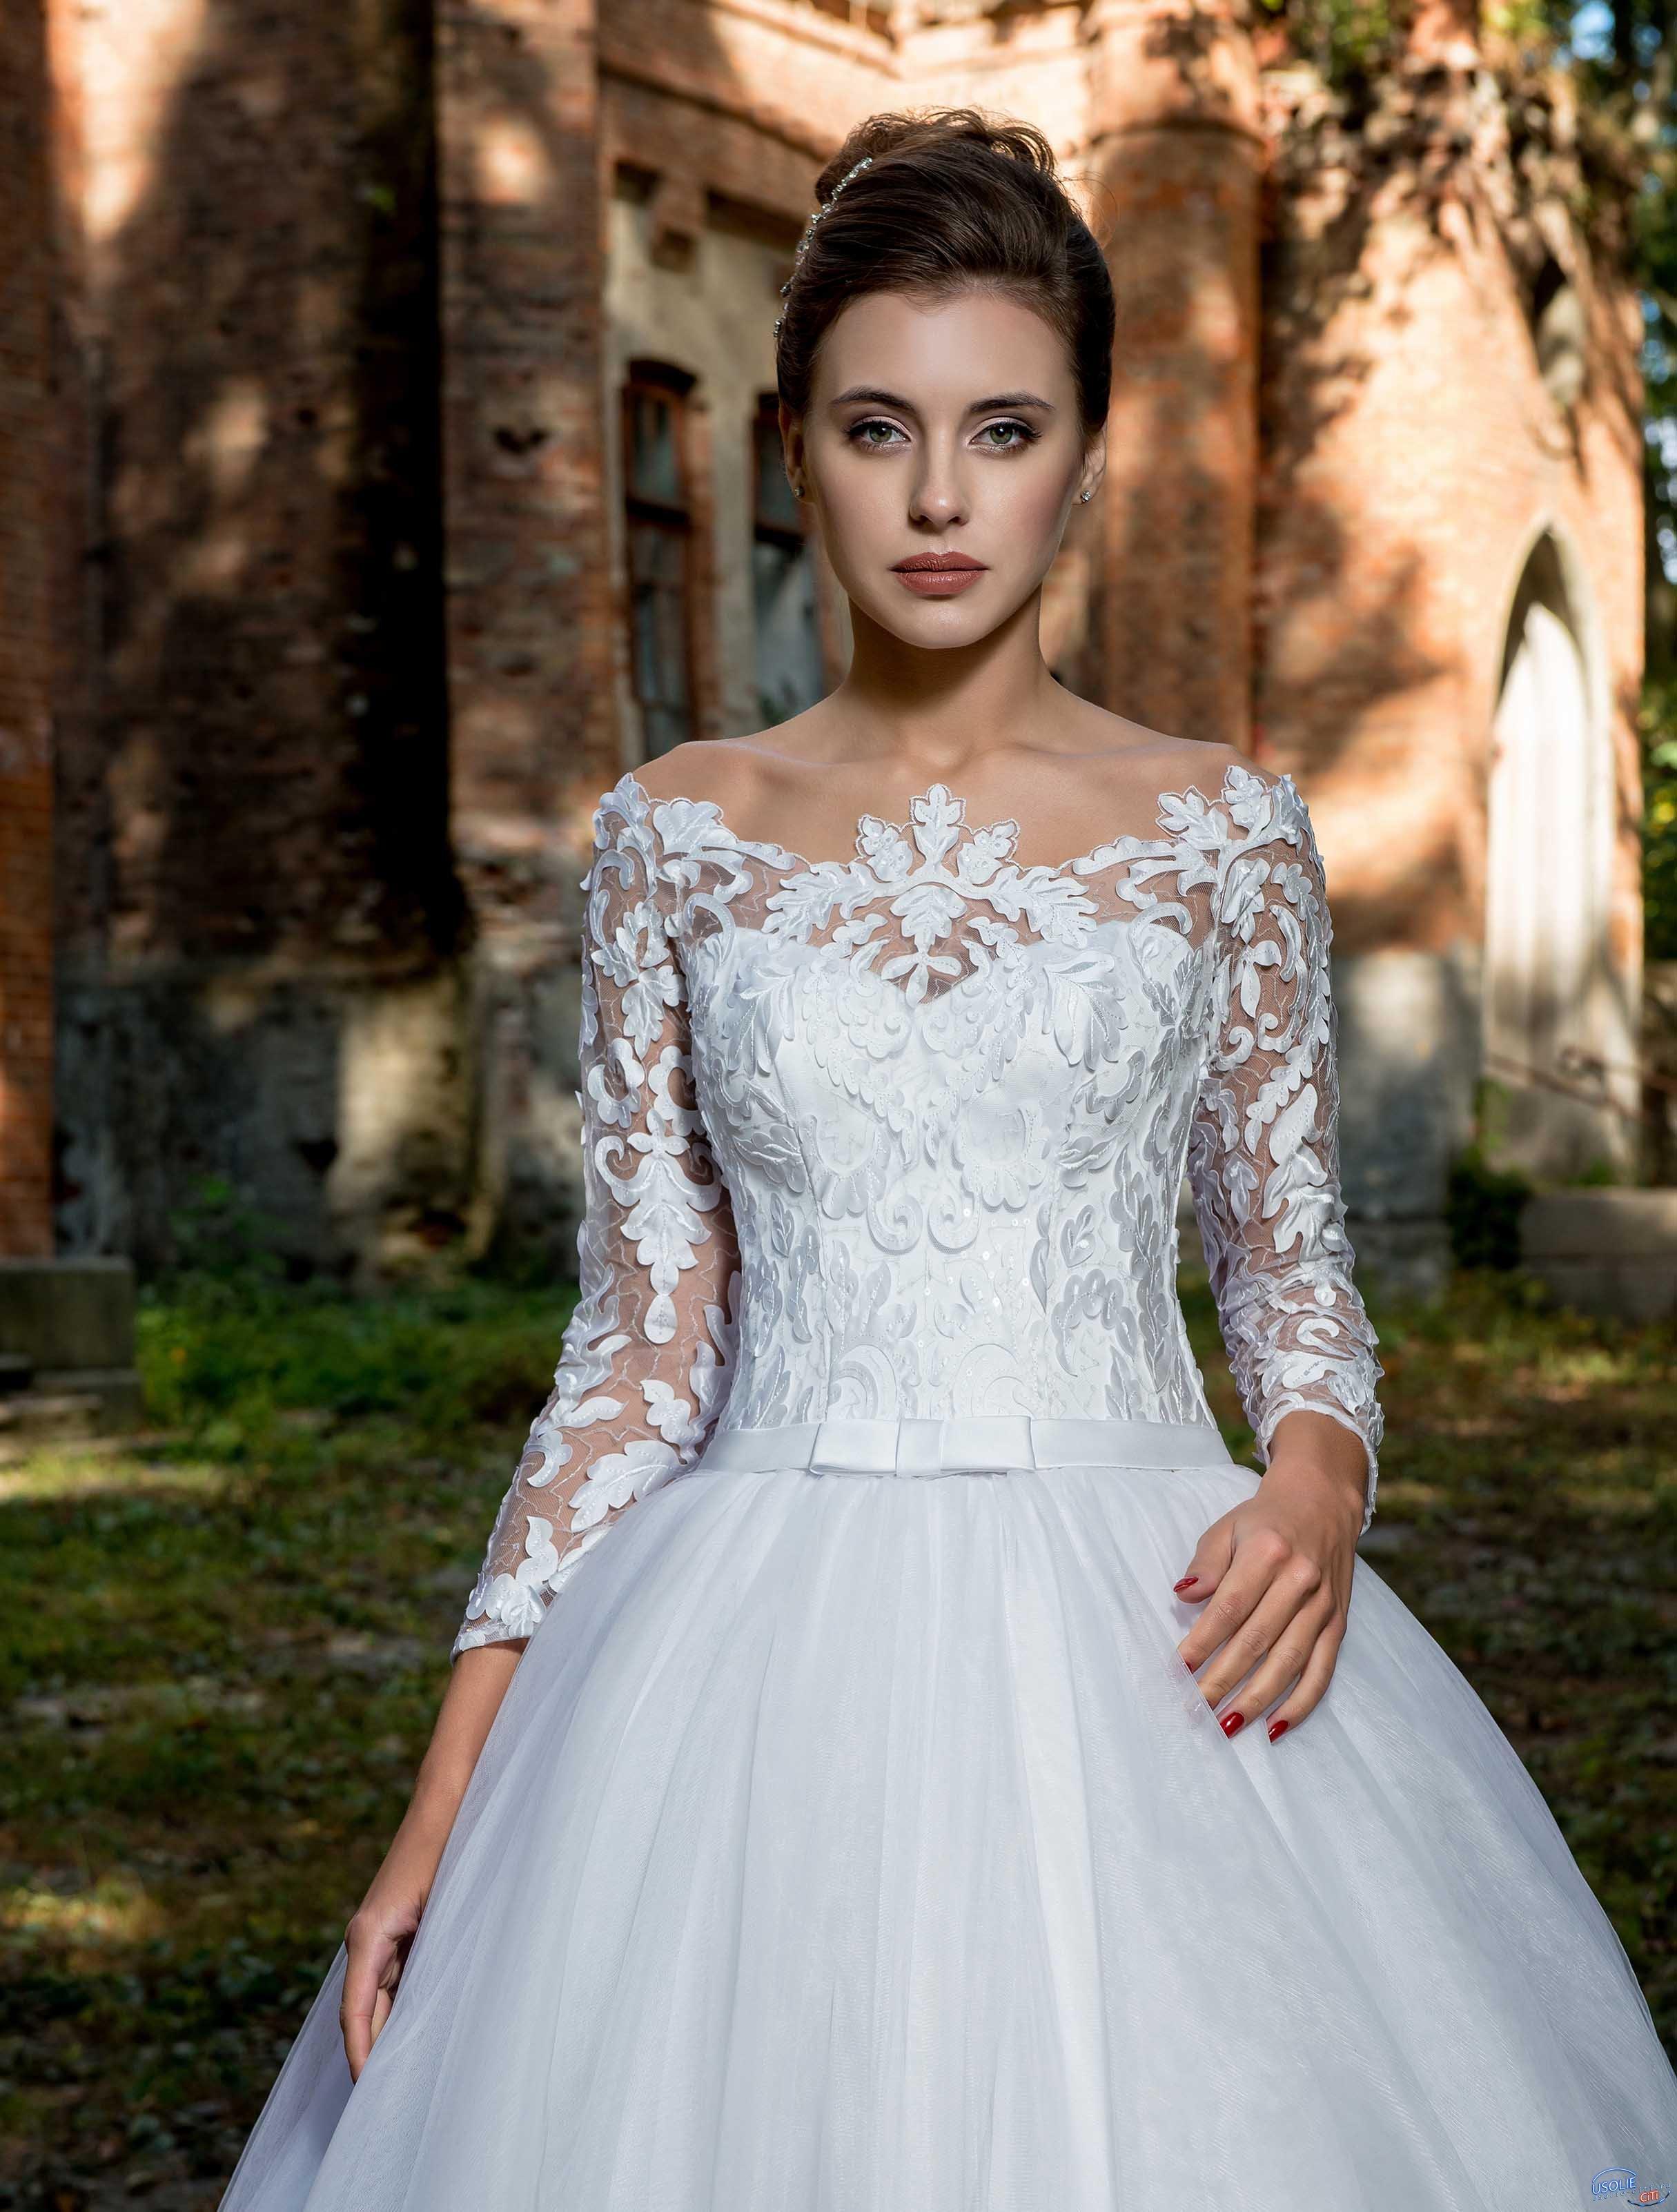 fd281df360b4aa6 Мы превращаем мечту невесты в реальность, ведь покупка свадебного  платья-одно из самых приятных и волнительных событий в череде  предпраздничных хлопот.